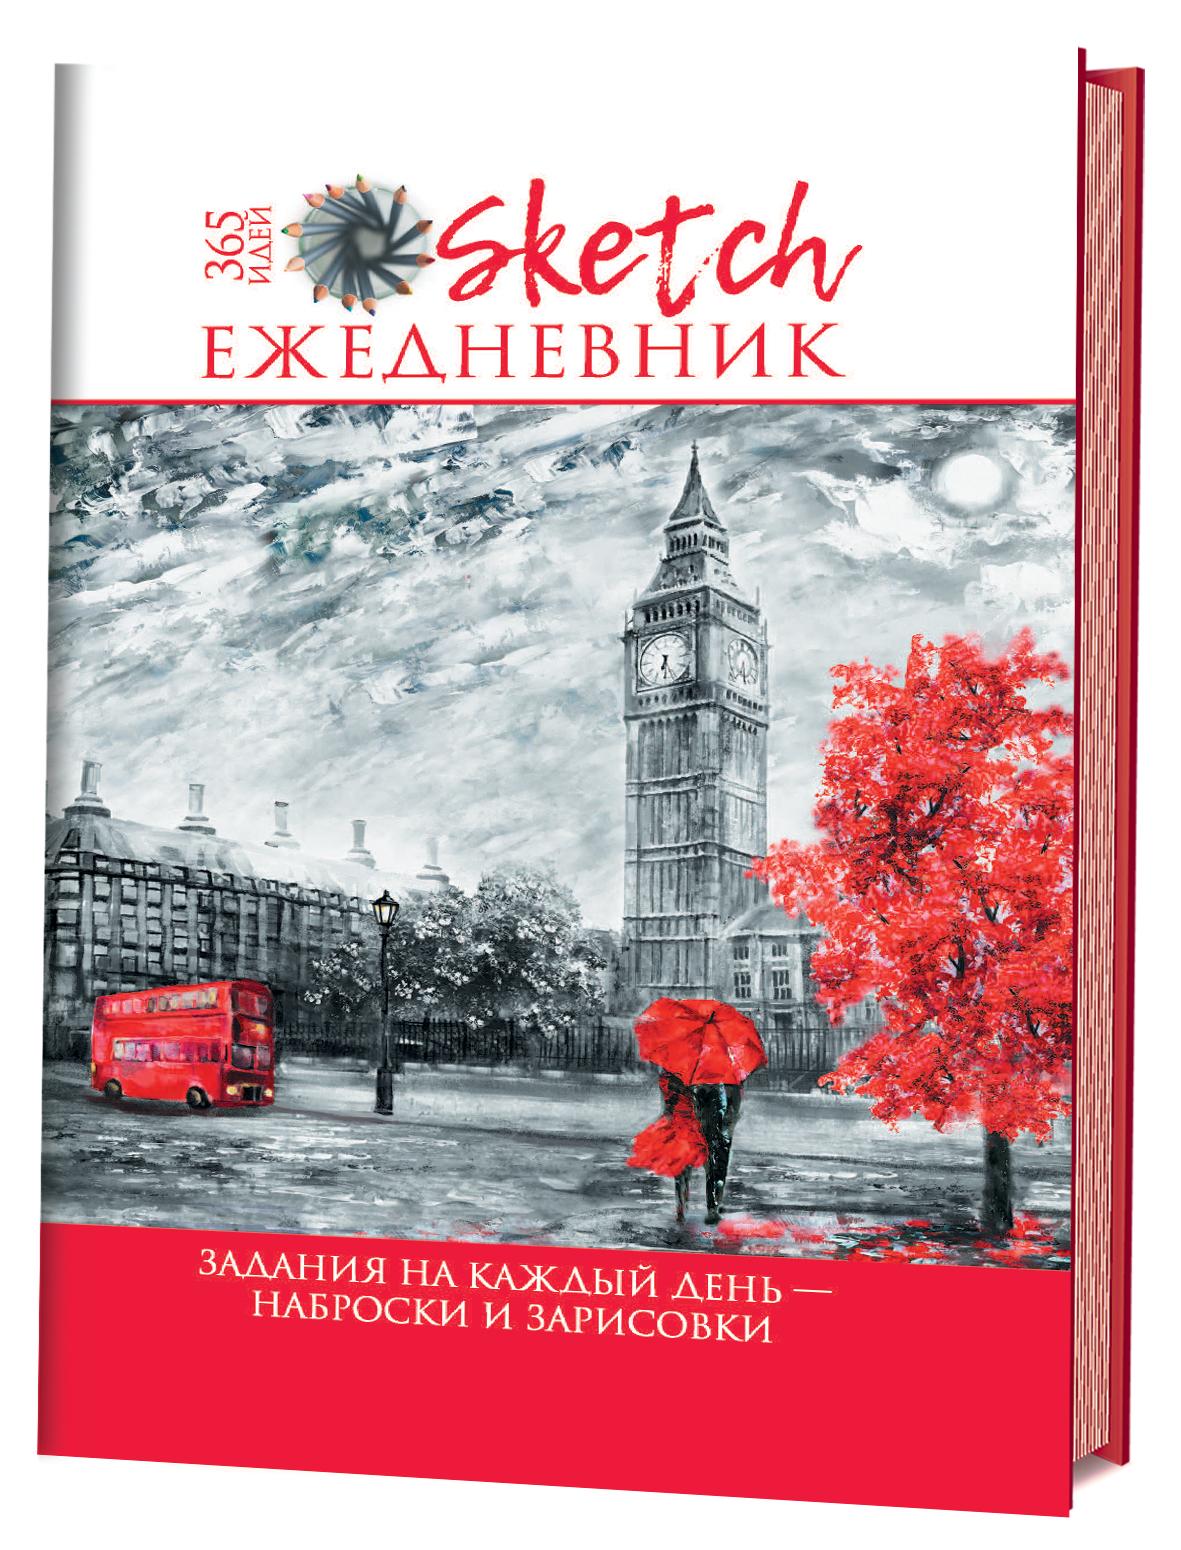 Анастасия Потапова Sketch-ежедневник. 365 идей. Задания на каждый день - наброски и зарисовки скетч ежедневник 365 идей цветные карандаши